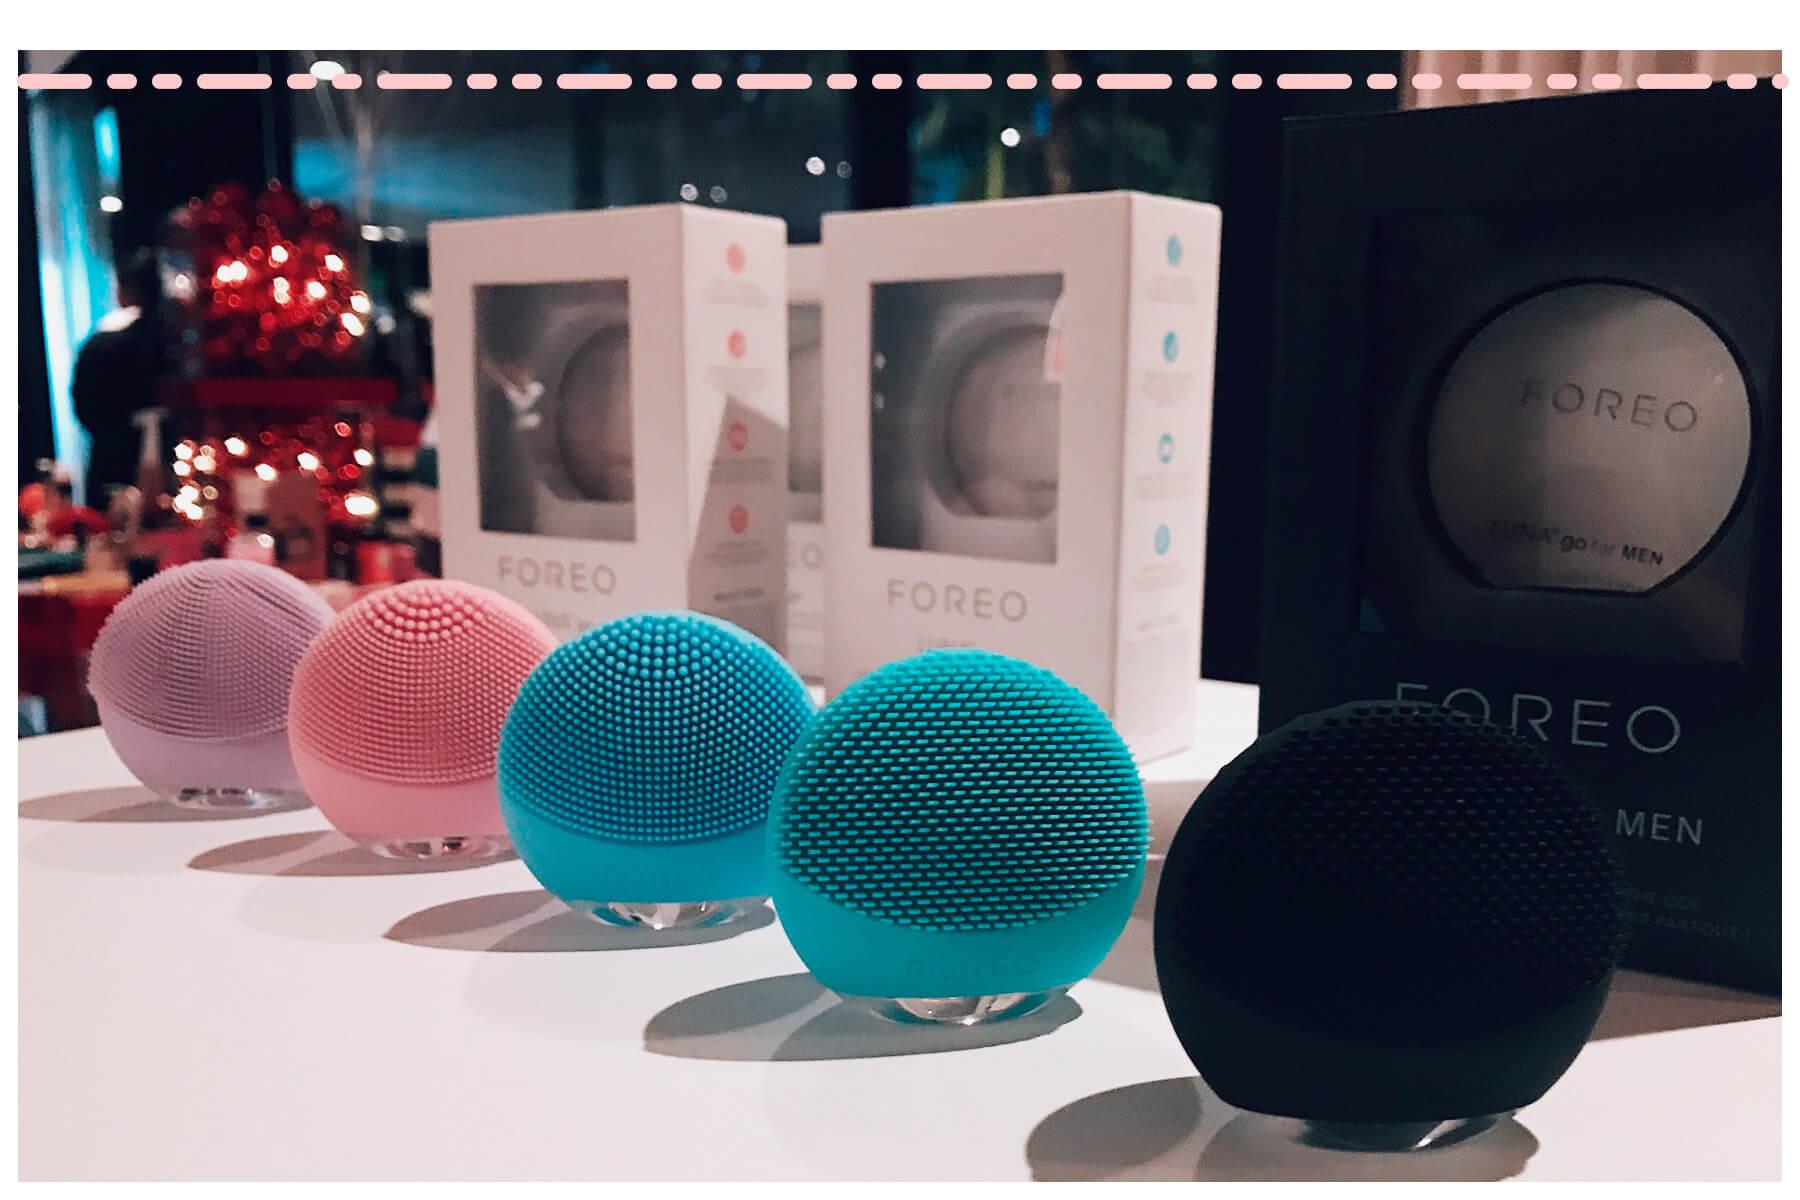 Lançamentos Sephora da Foreo, que lança a Luna Go Recarregavel, aparelho de bolso para limpeza potente Com alta tecnologia, a novidade chega em versões exclusivas para cada tipo de pele